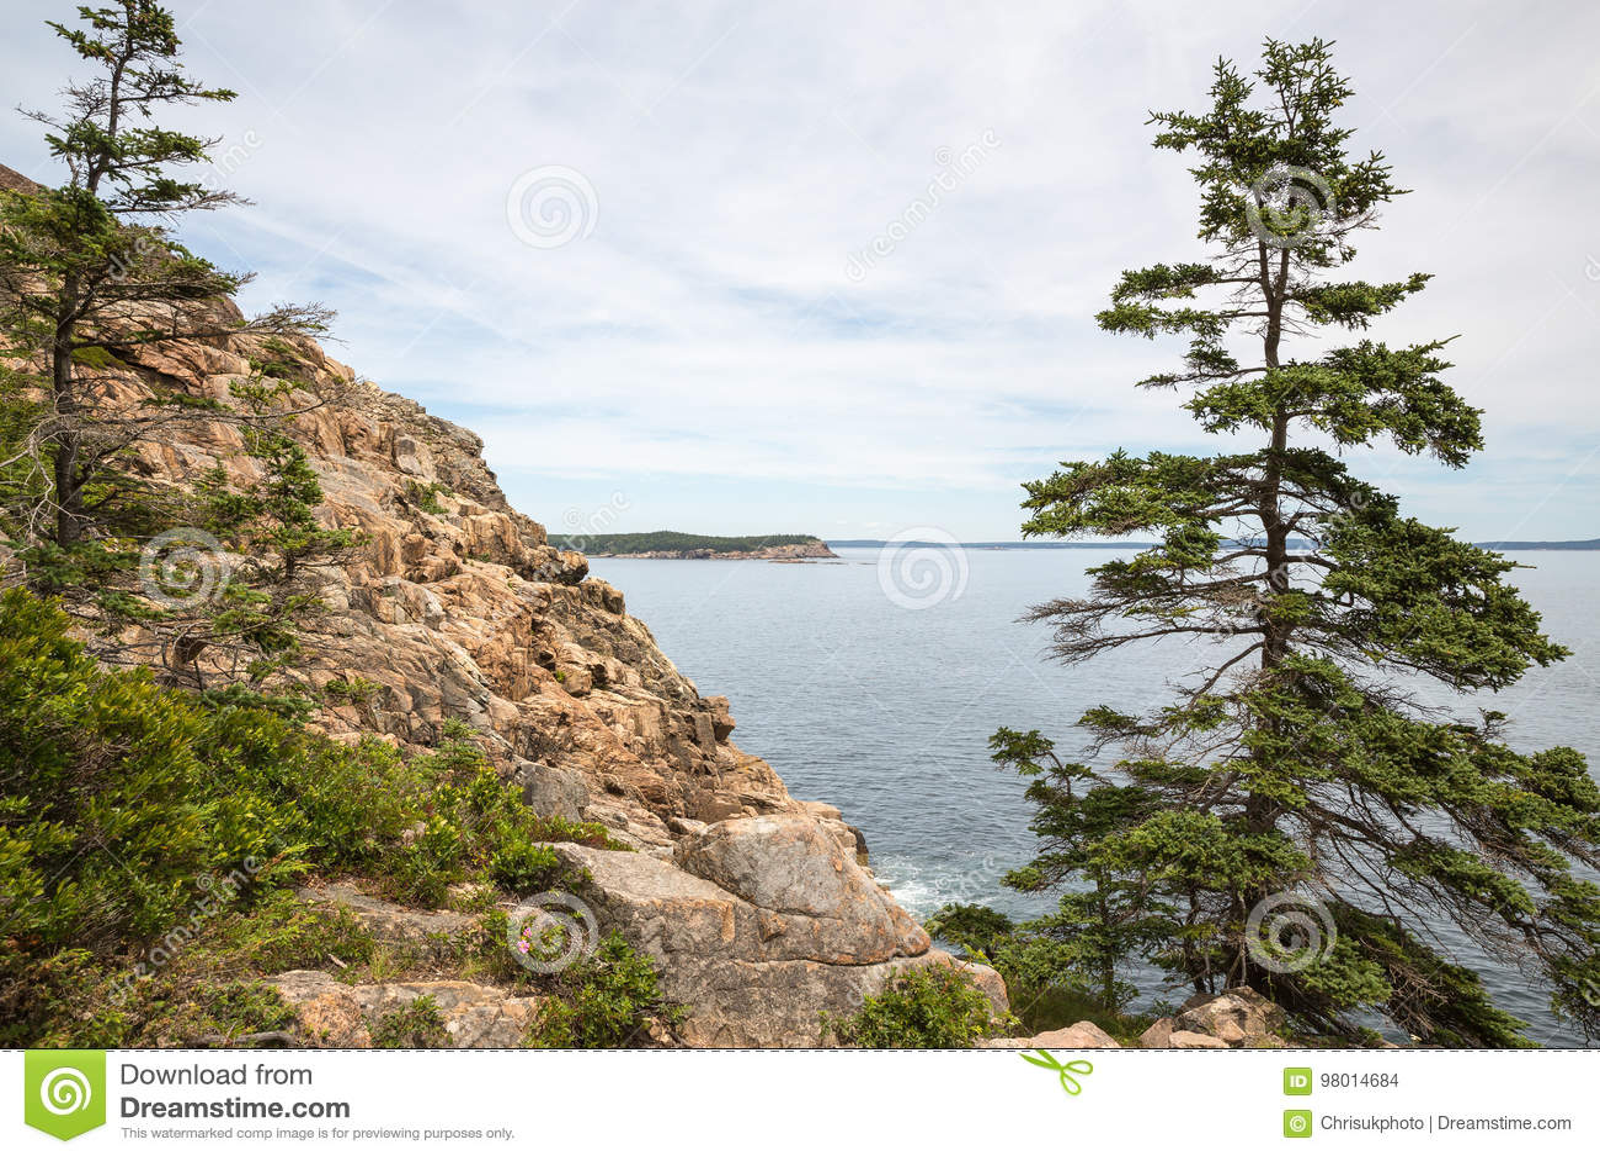 Απότομος βράχος ενυδρίδων στο εθνικό πάρκο ΗΠΑ Acadia